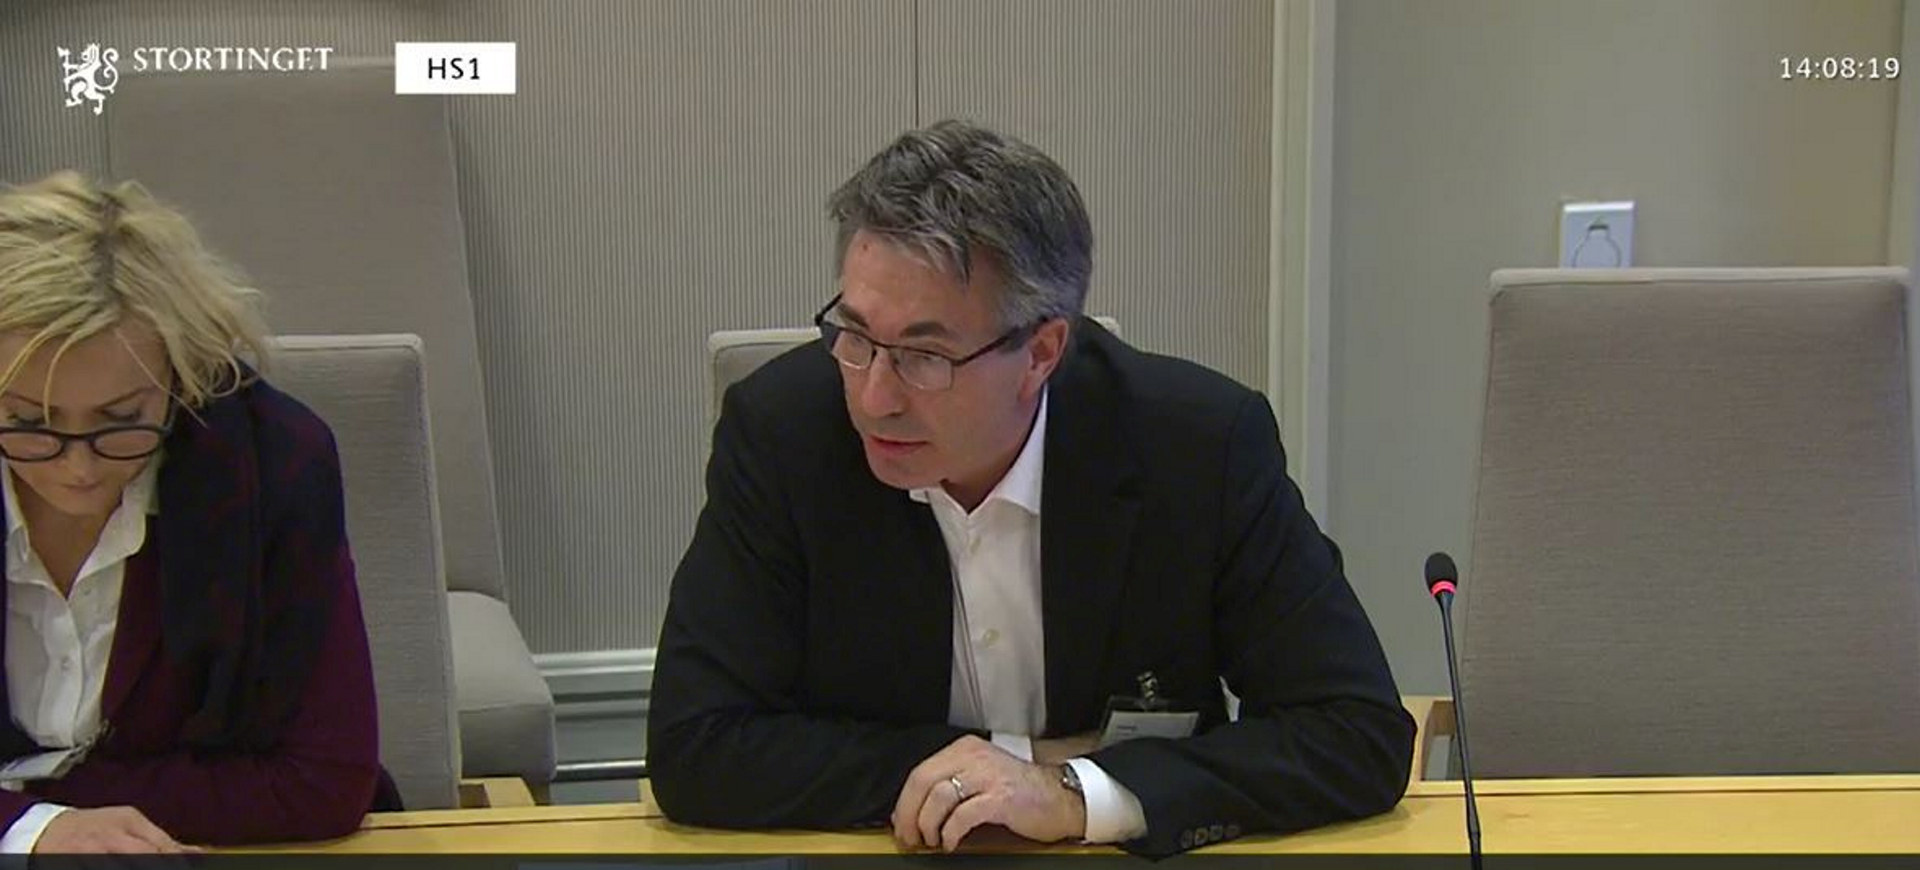 Vibeke Lærum og Hans Martin Møllhausen på høring i Stortinget om gjennomsnittsberegning av arbeidstid (Dok. 8) 26. november 2018. Skjermdump: Stortingets nett-tv